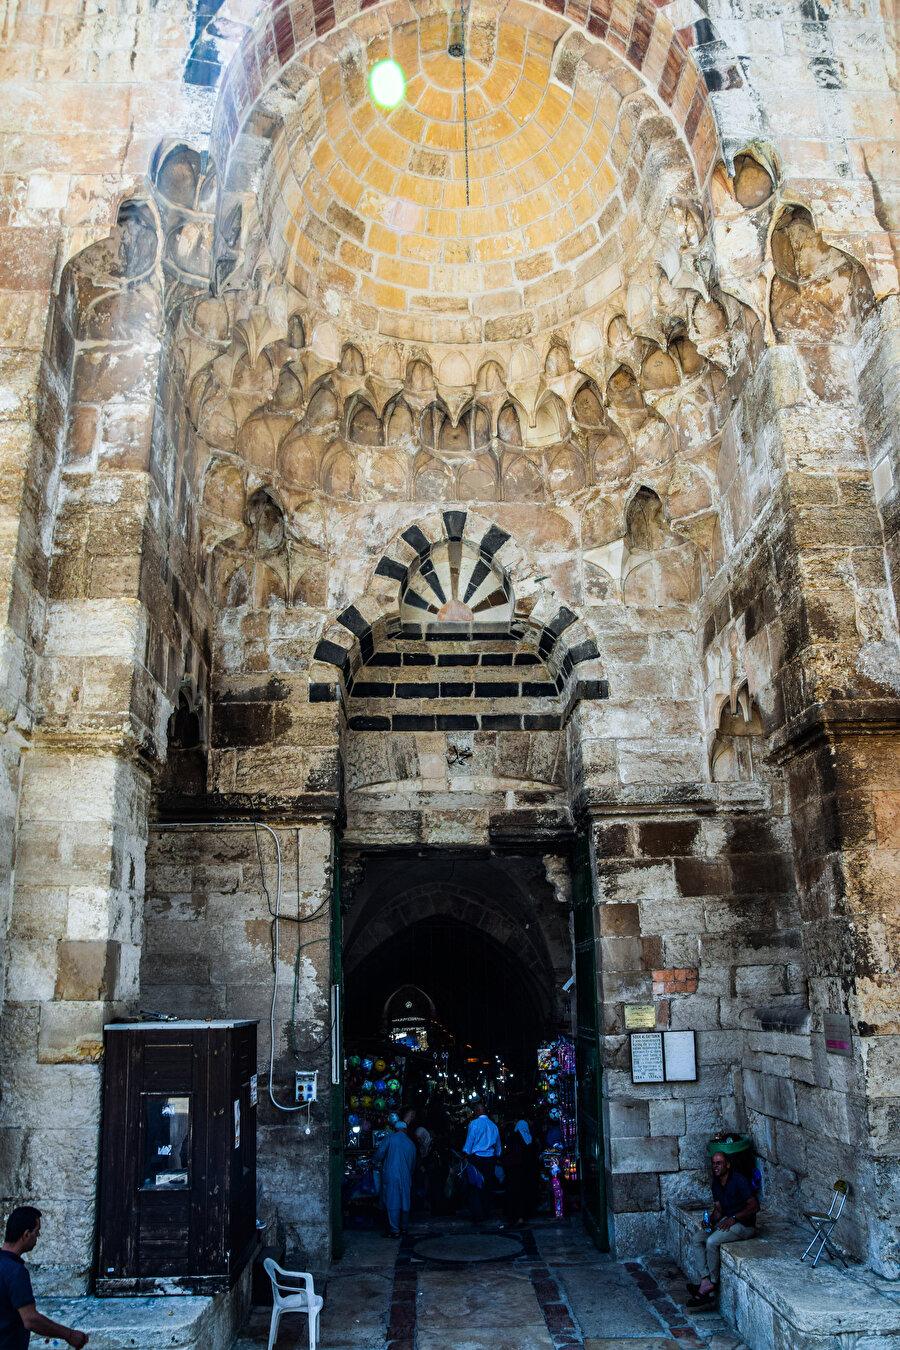 Kattânîn Kapısı, açıldığı Pamukçular Çarşısı'nın adını almıştır. (Fotoğraf: İbrahim Furkan Özdemir)